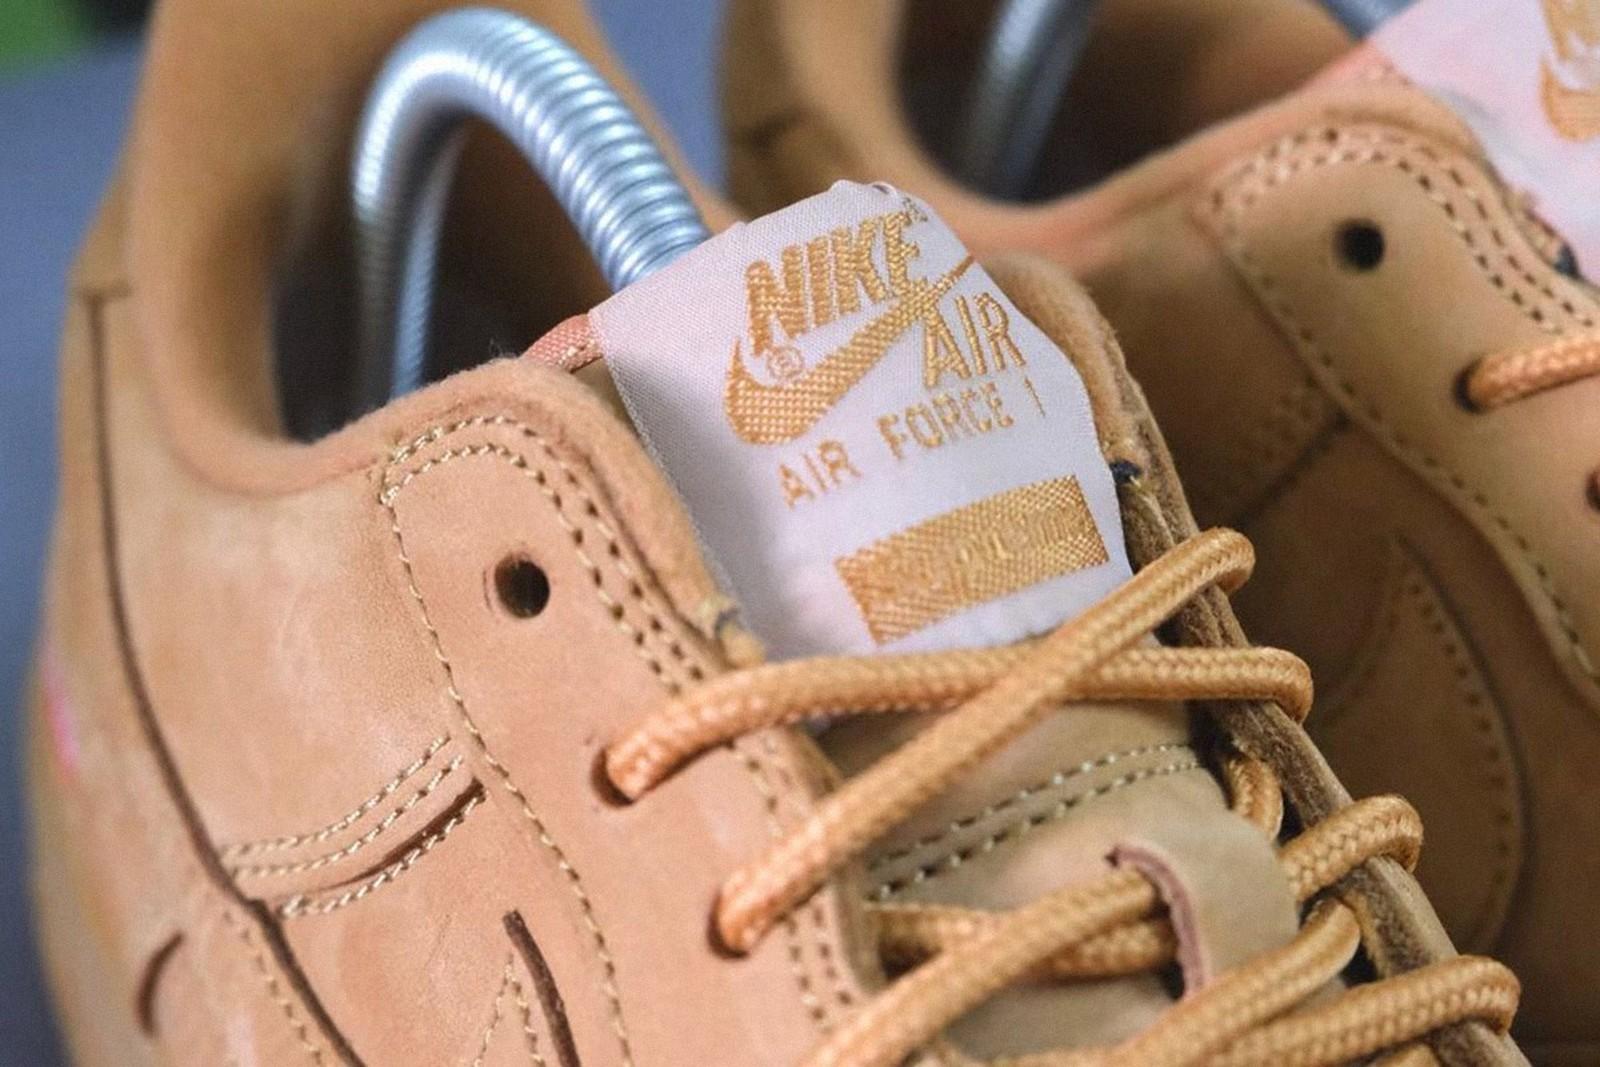 Supreme x Nike Air Force 1 Wheat